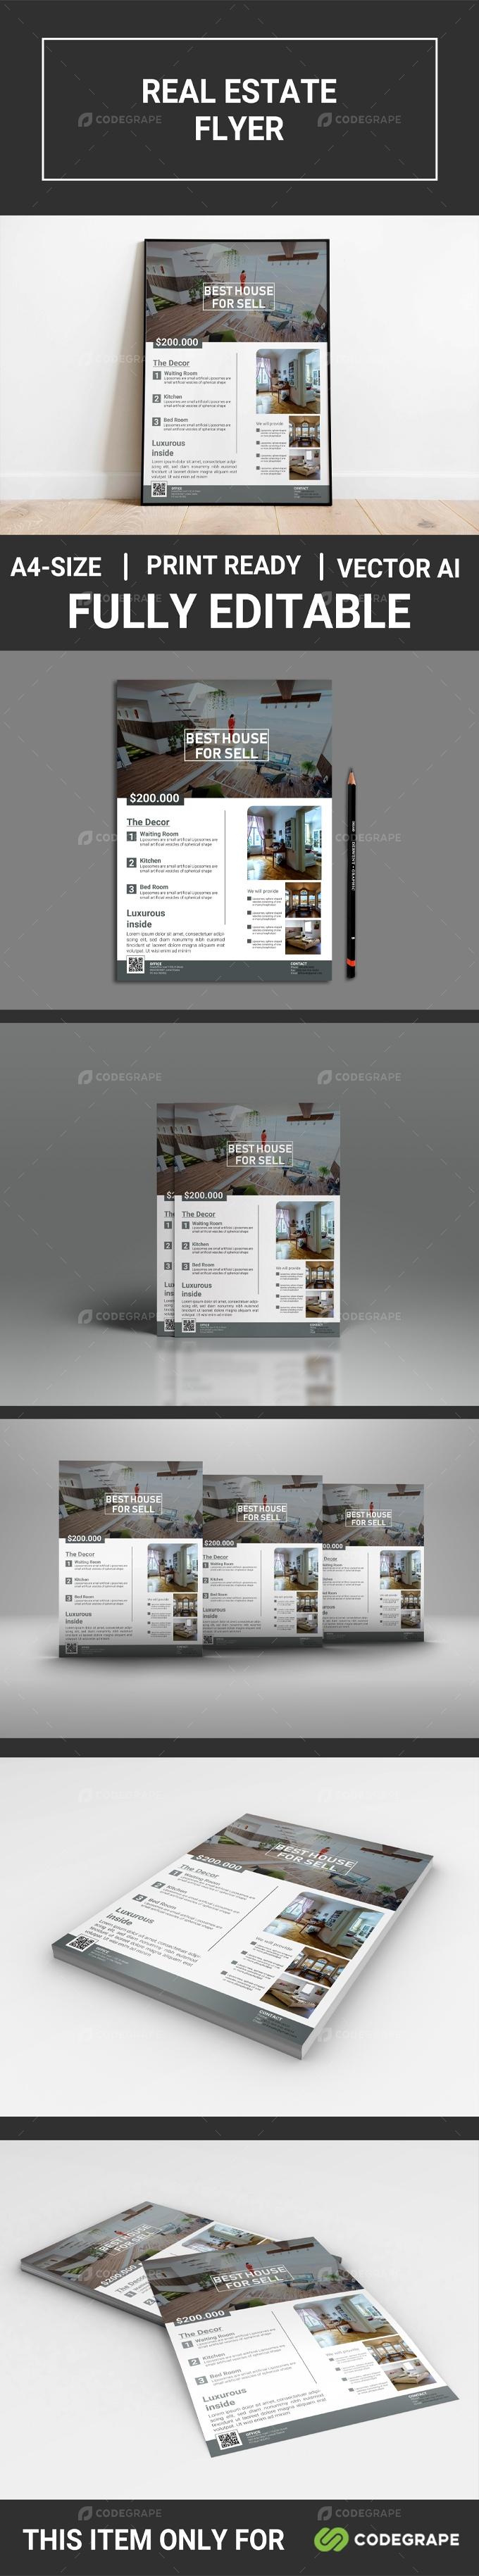 Real Estate Flyer Vol-01